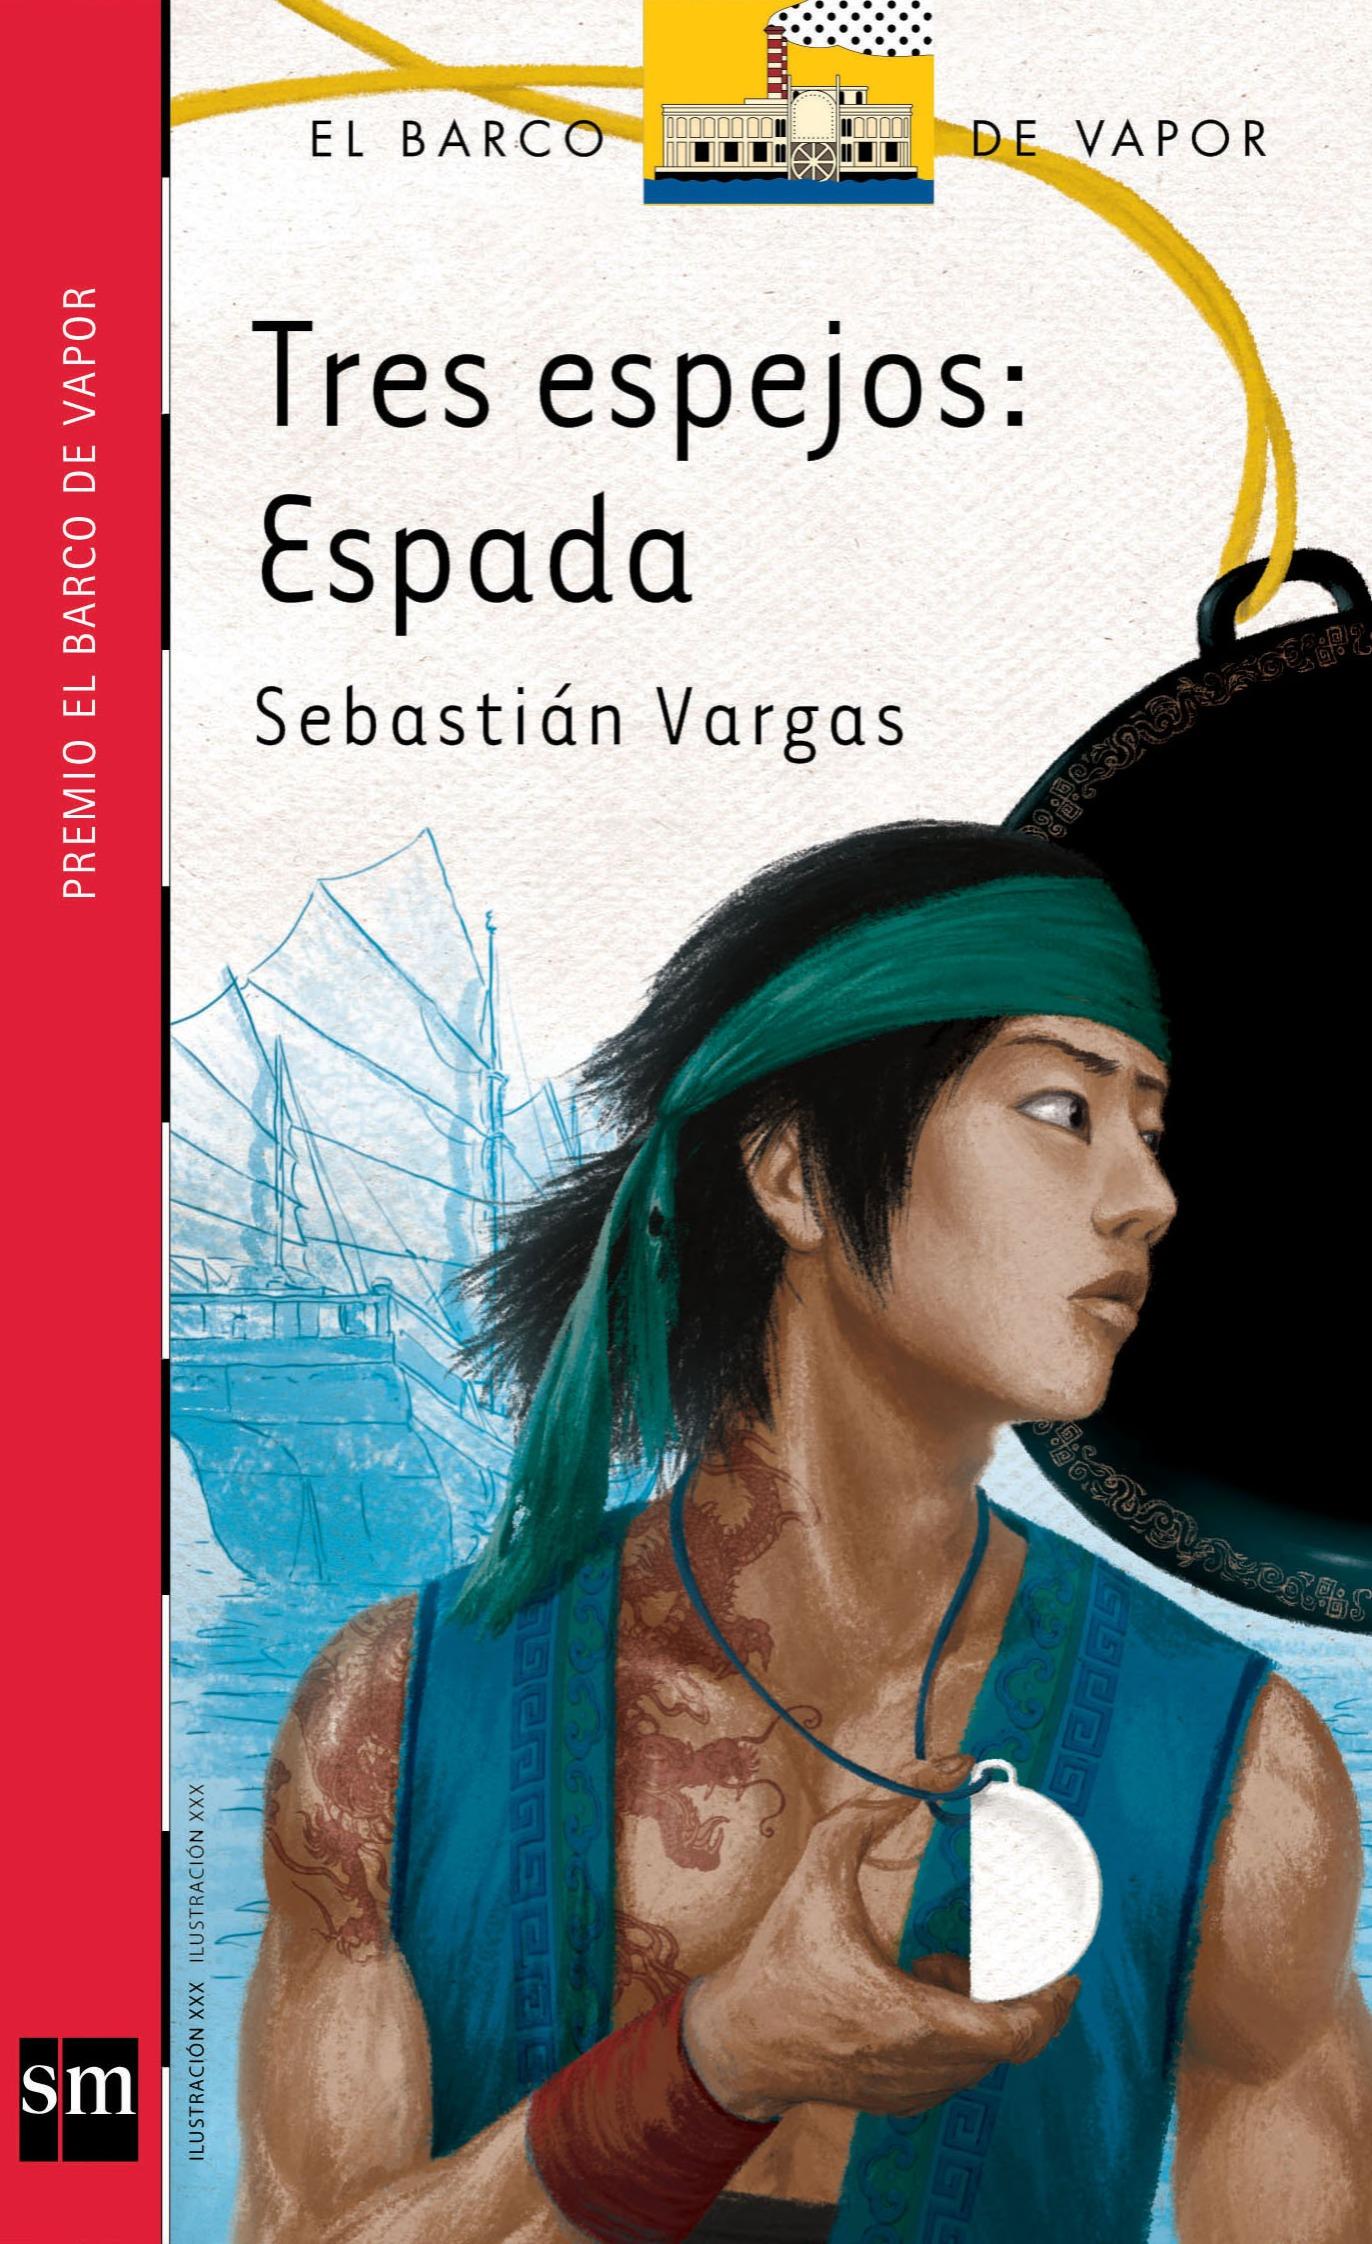 TresEspejos-espada-baja3_edited